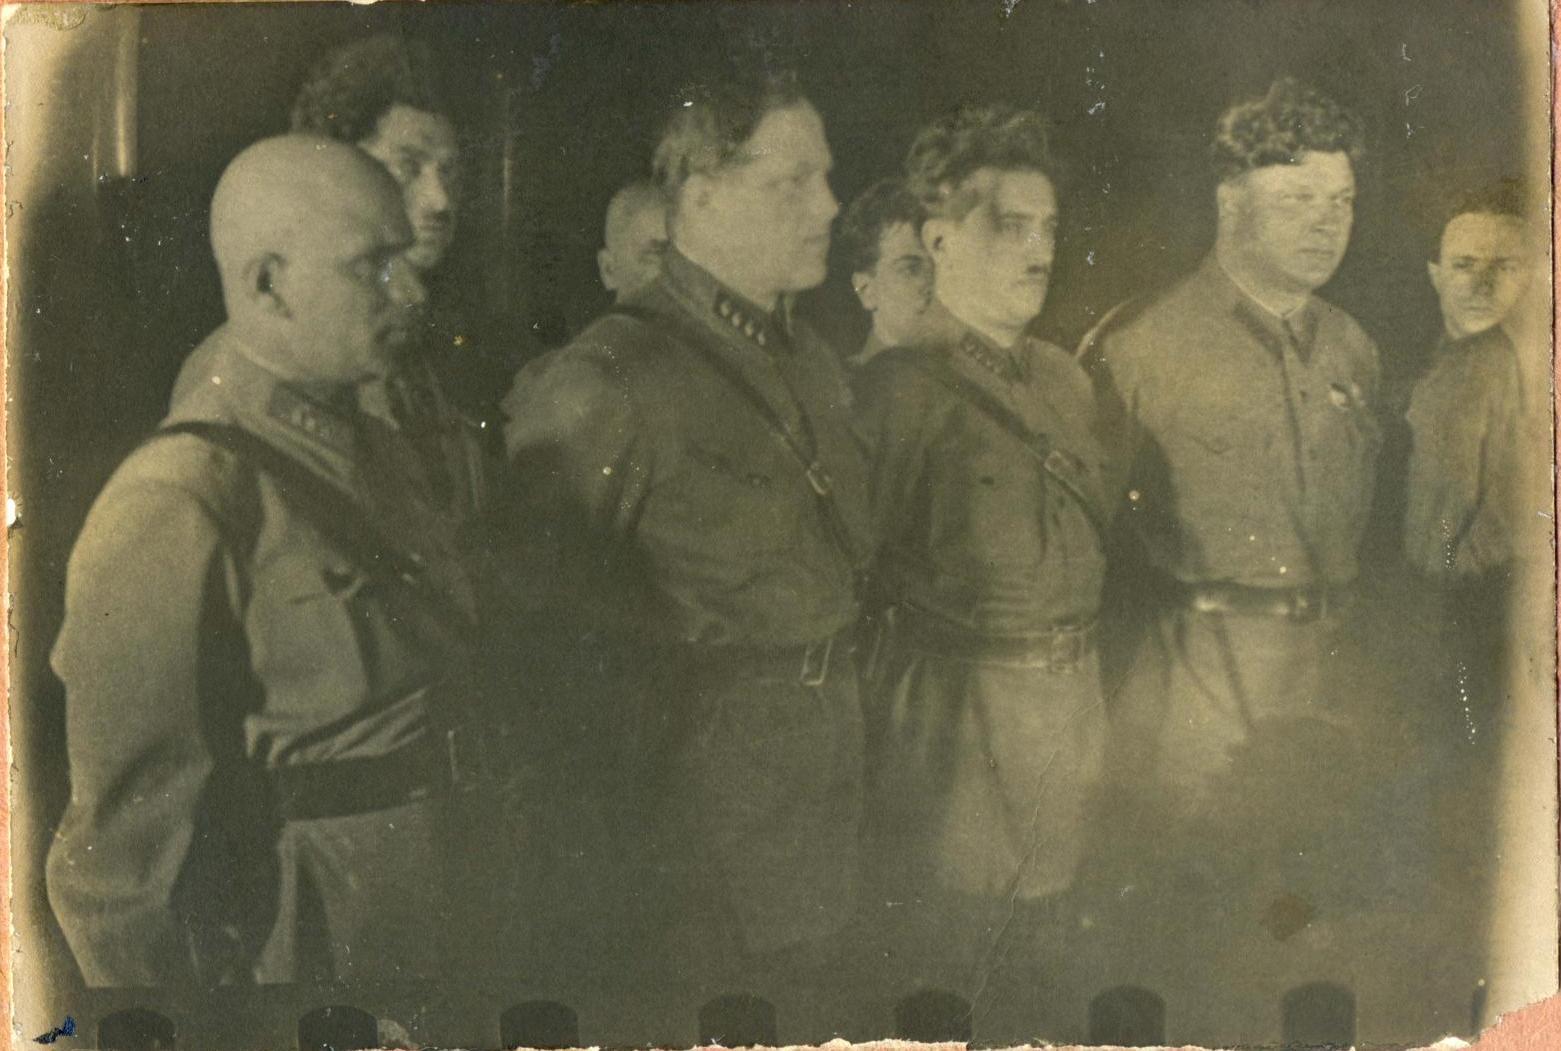 1934.  Группа высокопоставленных руководителей ОГПУ на похоронах В. Р. Менжинского